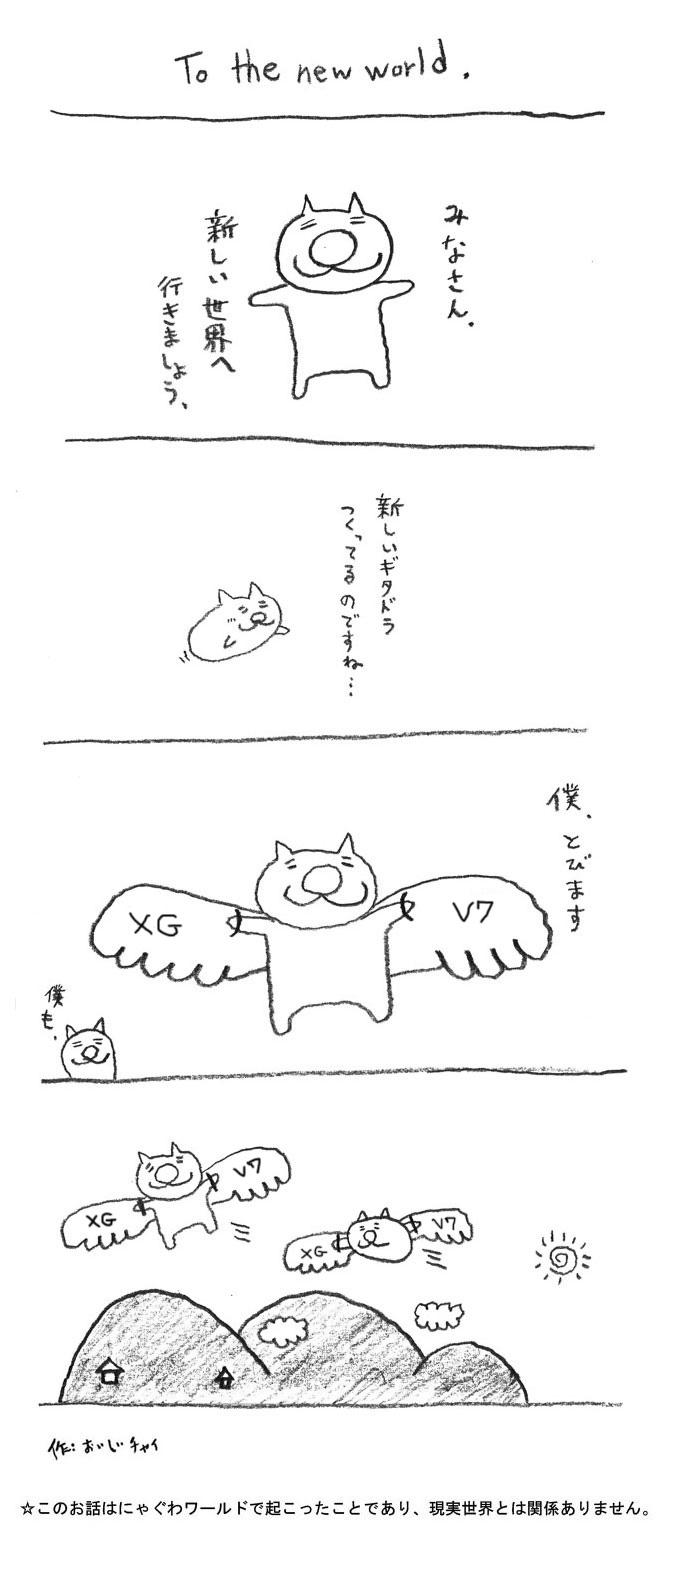 main_10_09.jpg